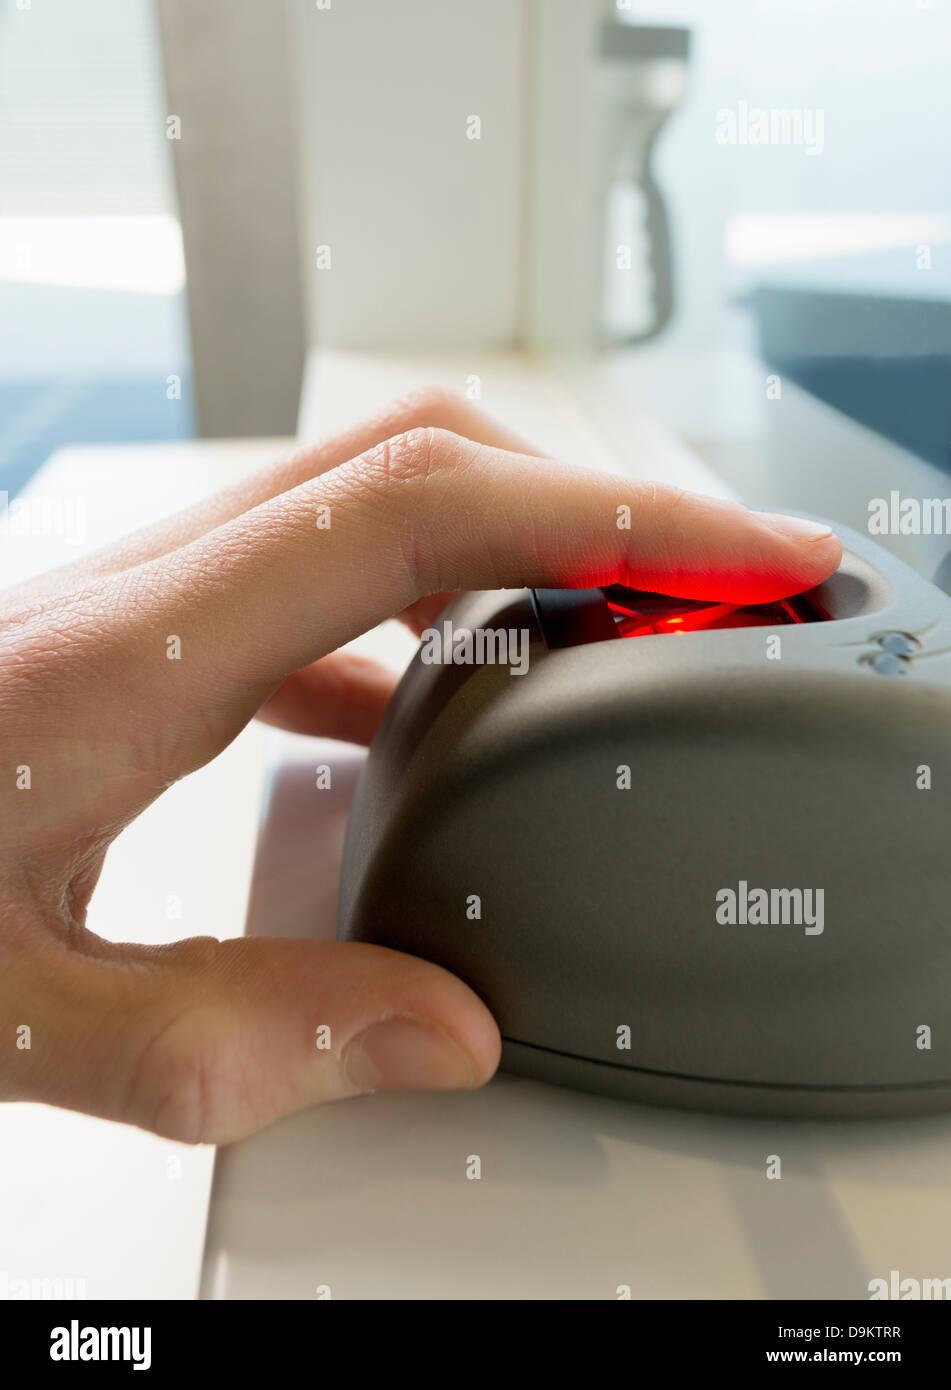 Dispositif de reconnaissance des empreintes digitales sur la main Photo Stock